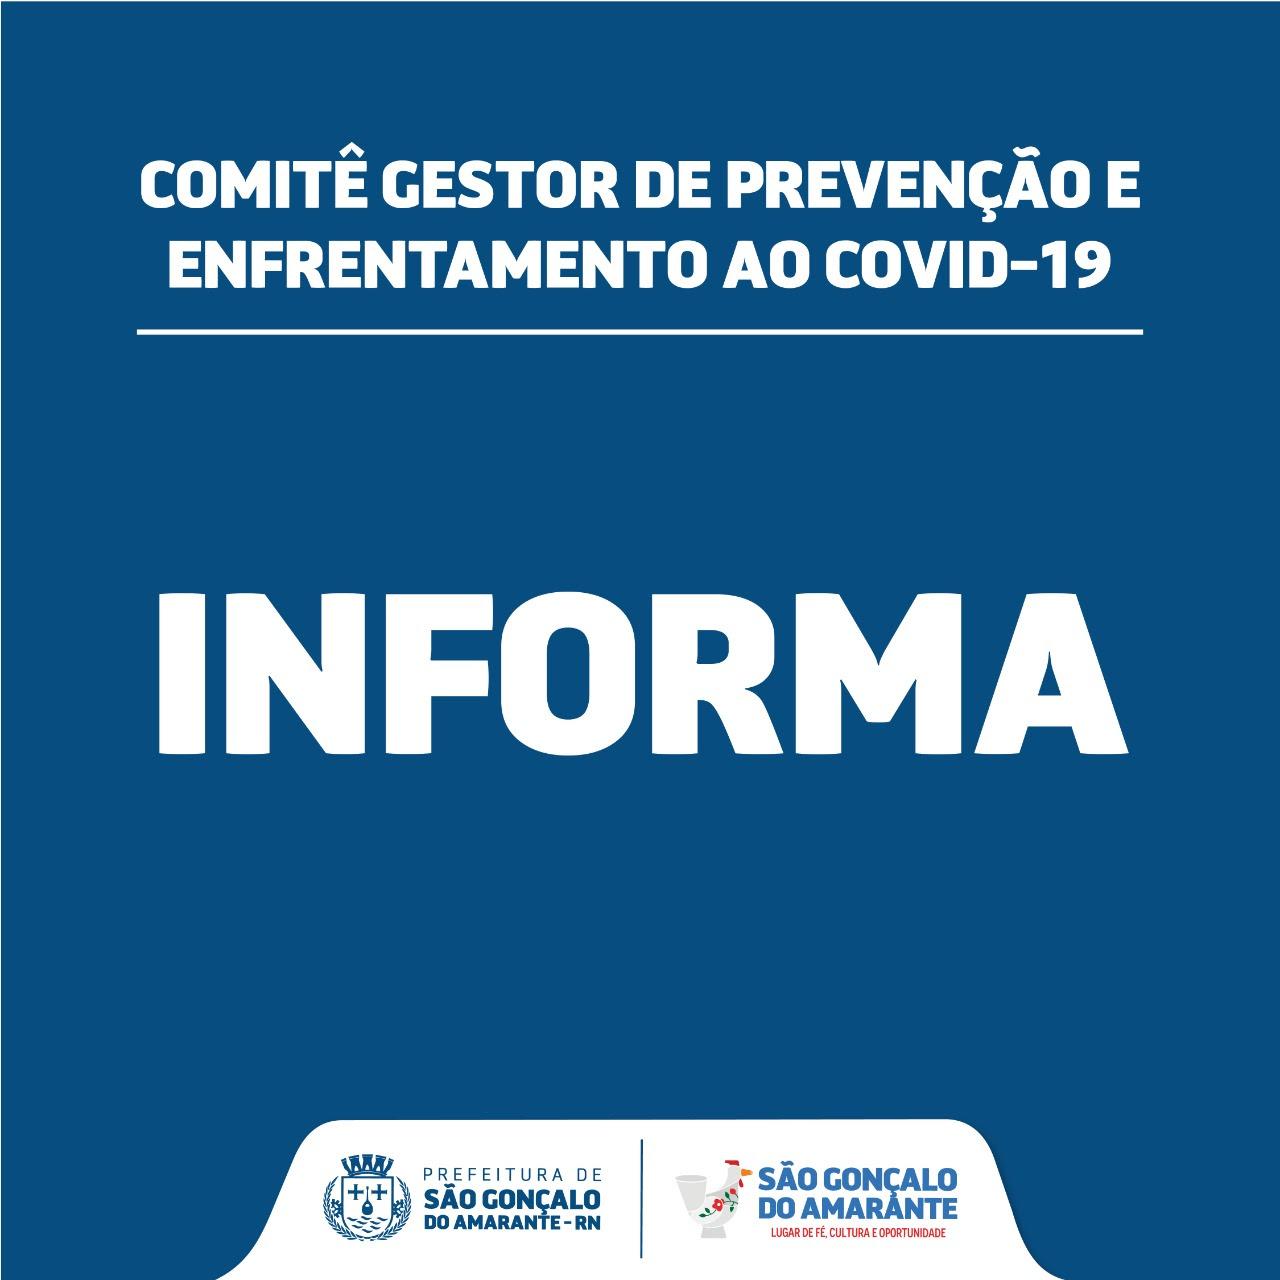 SMS confirma primeiro caso do novo coronavírus em São Gonçalo